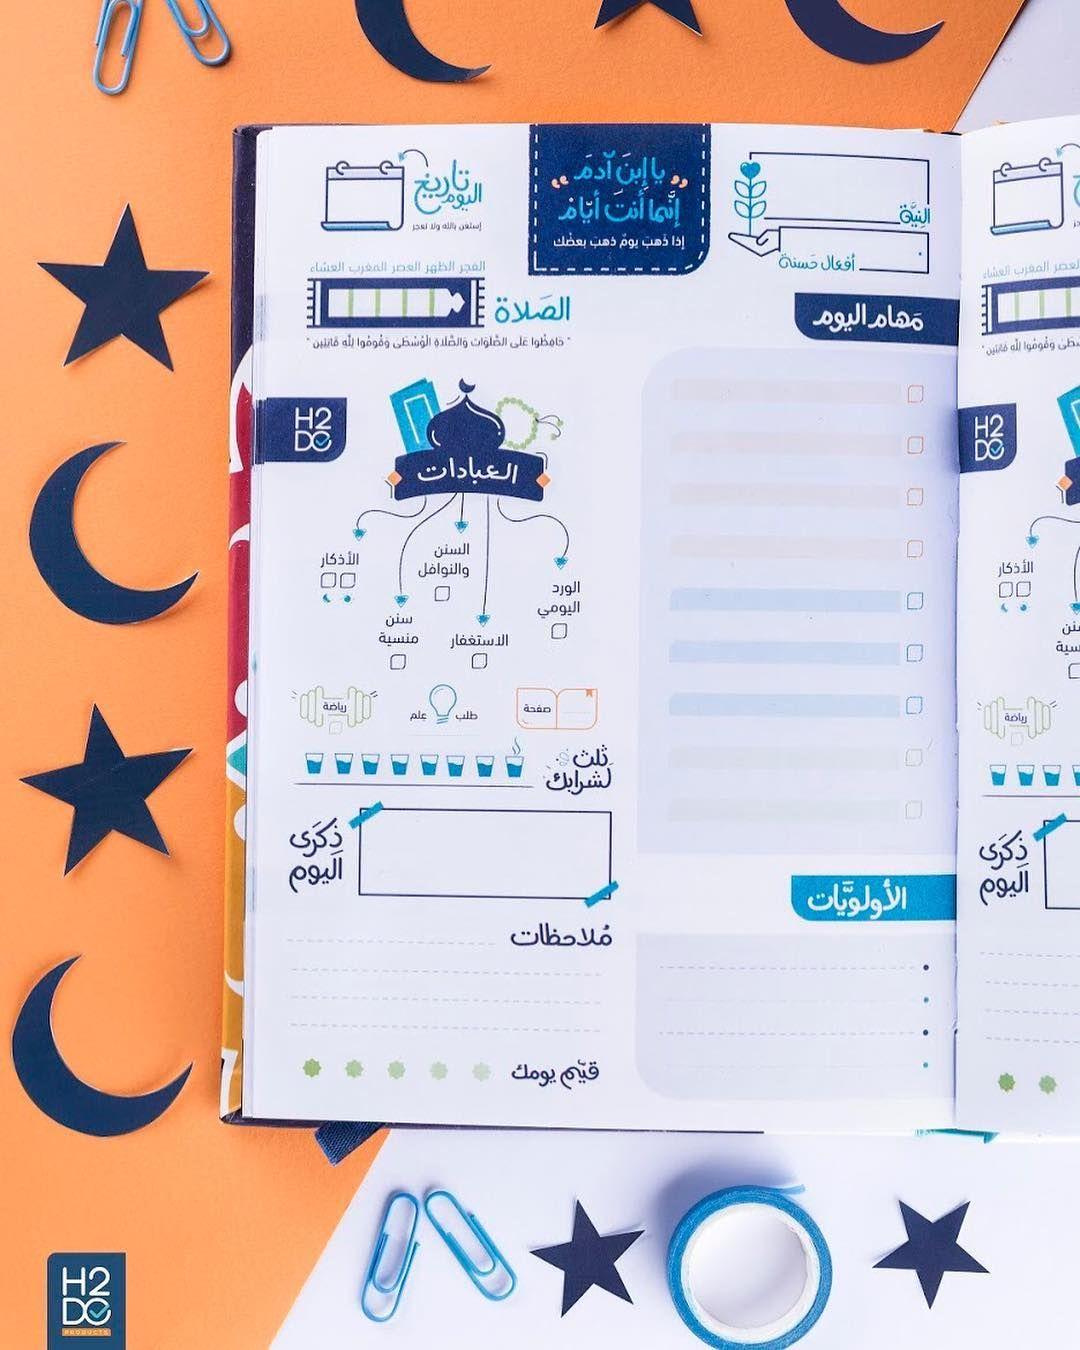 مفكرة خطة المئة يوم يمكنك بدؤها في أي يوم ولكن لايوجد أفضل من شهر رمضان ليكون البداية والإنطلاقة للتغيير للأفض Card Sketches Templates Planner Card Sketches